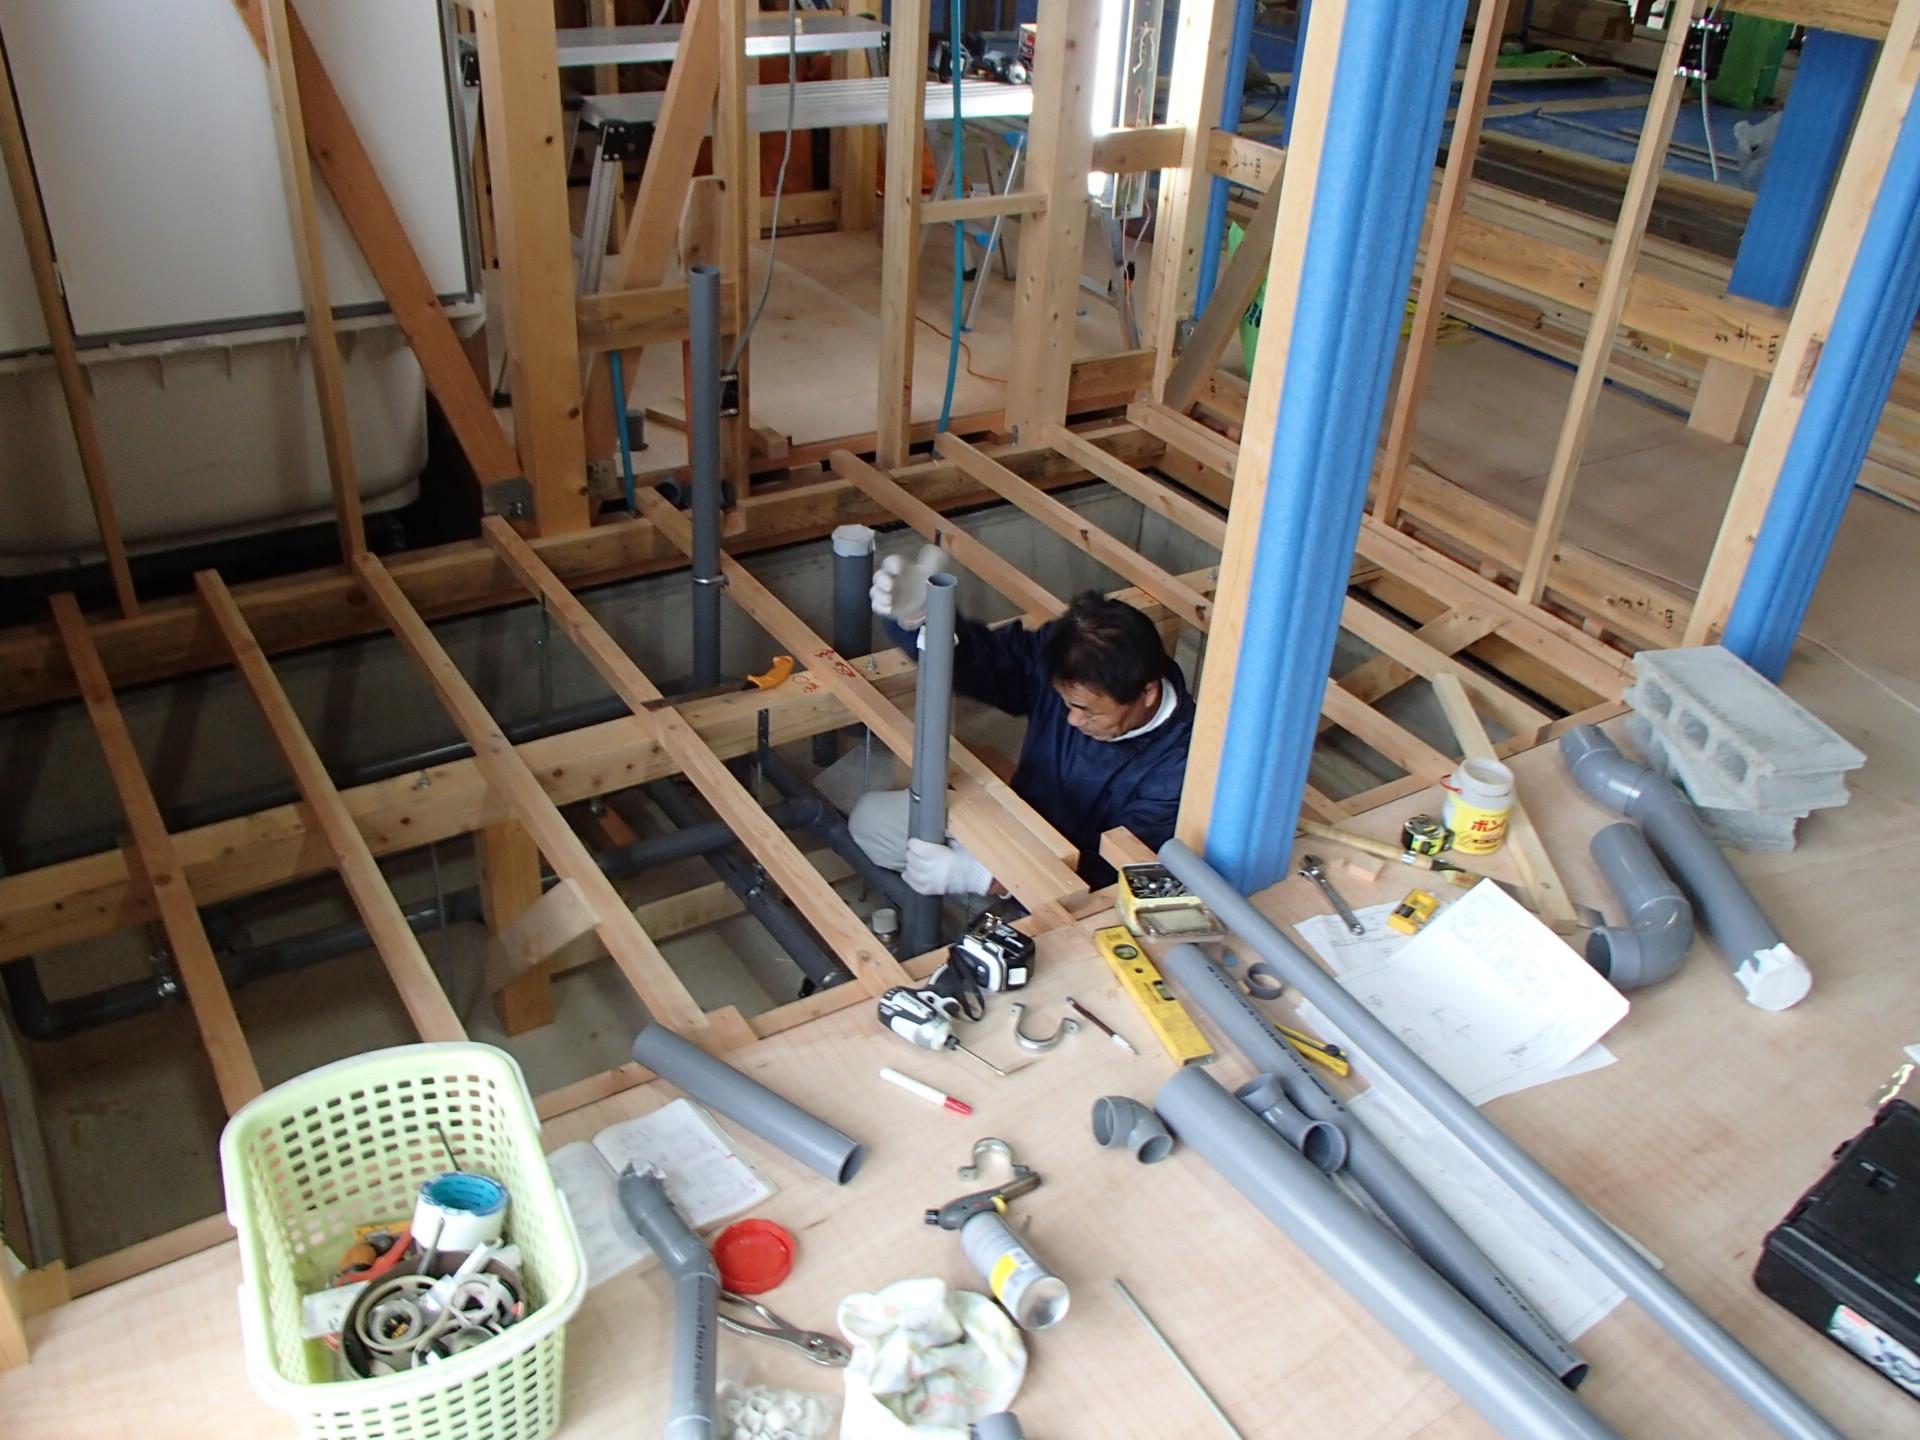 OLYMPUS DIGITAL CAMERA 浜北区の龍泉寺様檀信徒会館新築工事では、 大工工事